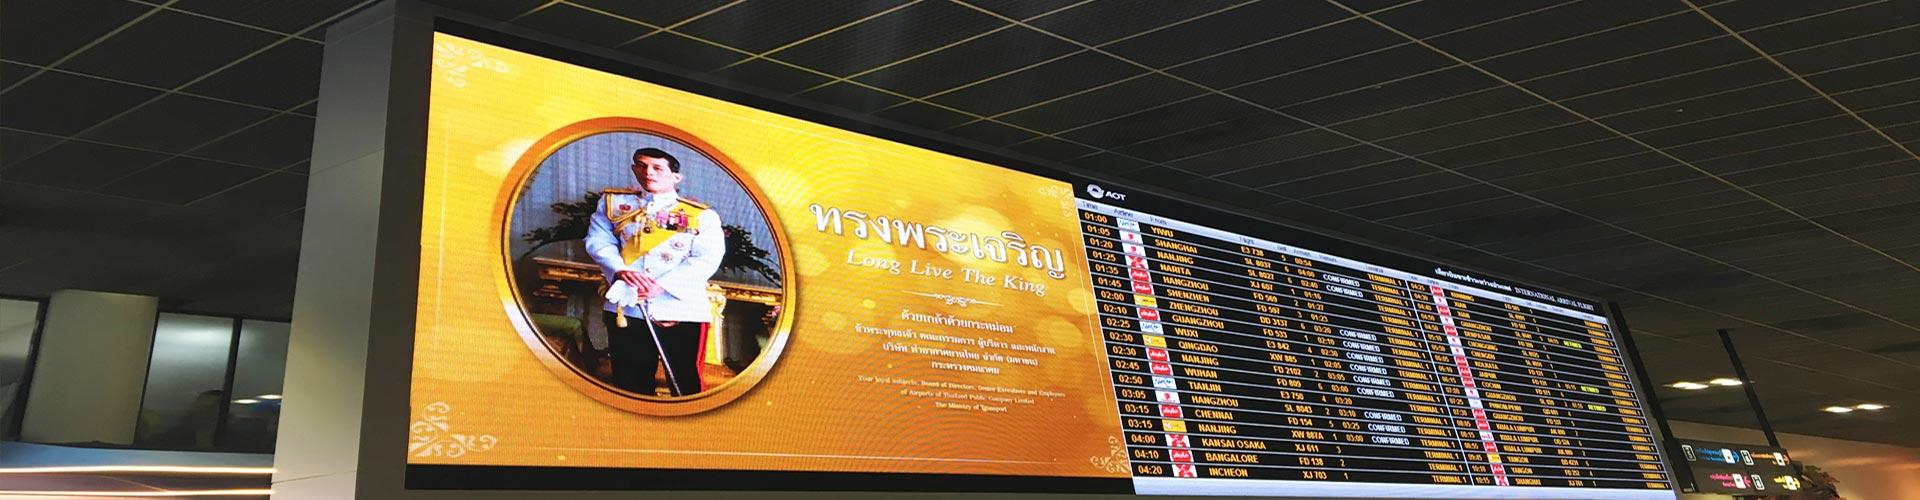 Airport LED Display Screen